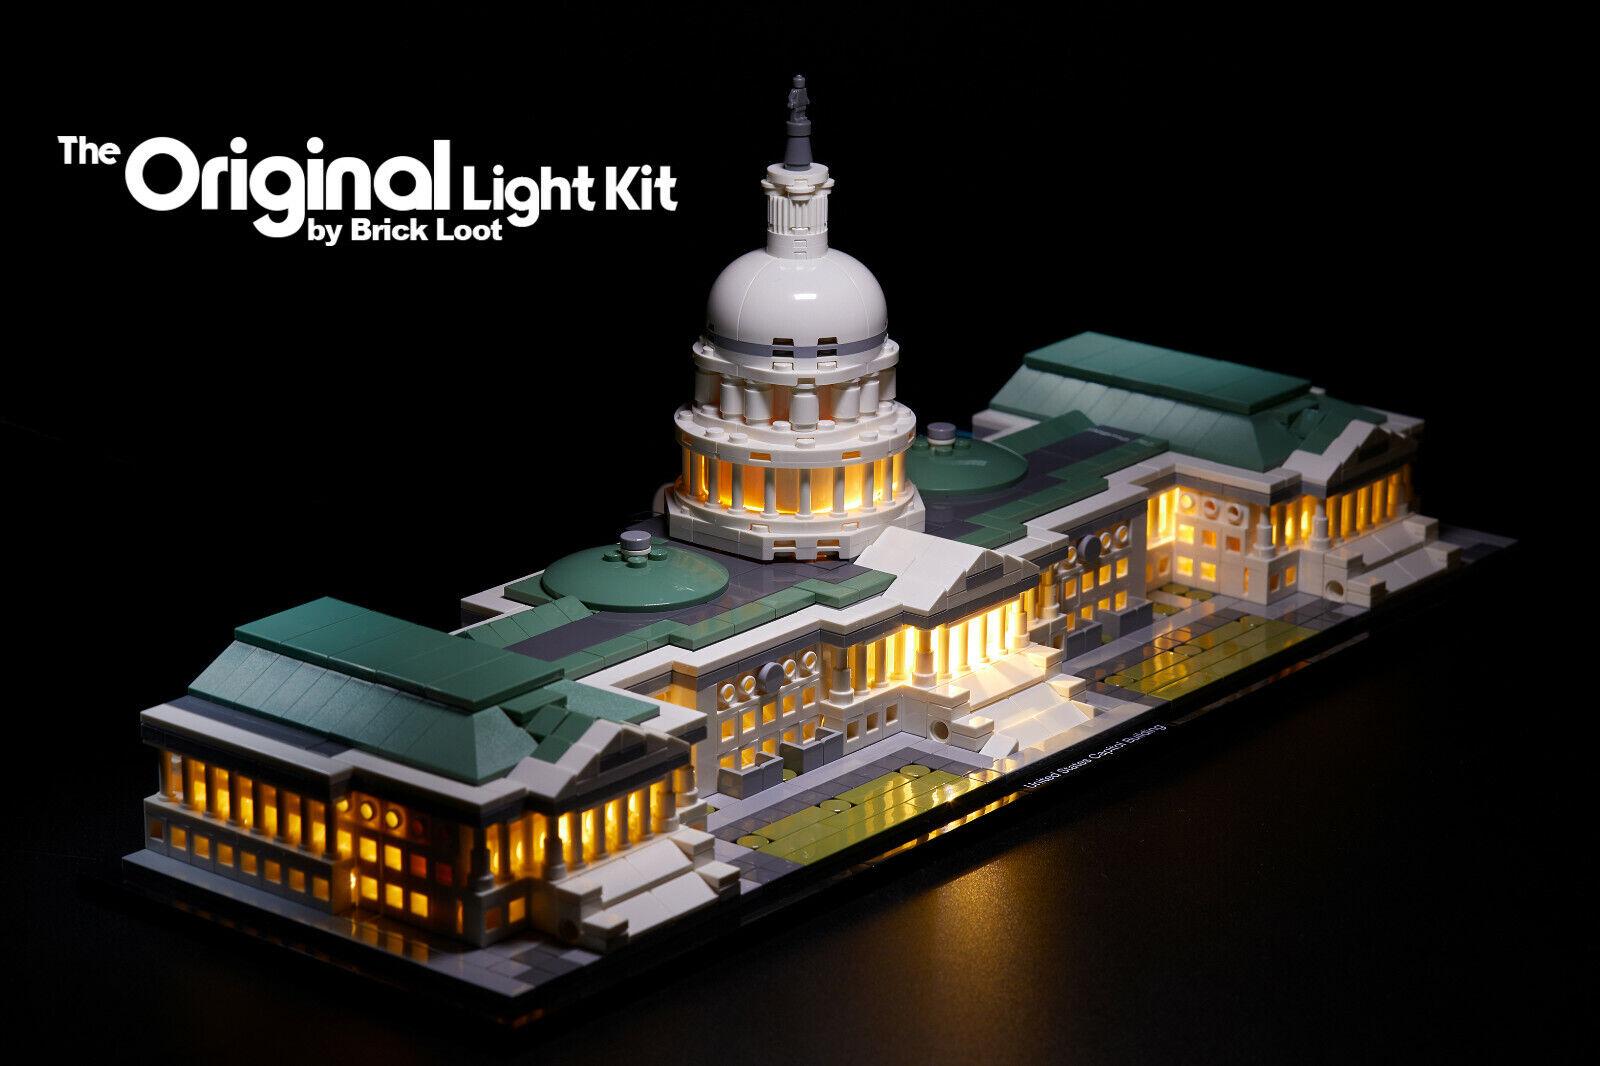 Led Lighting Kit Fits Lego Architecture United States Capitol Building 21030 Ebay